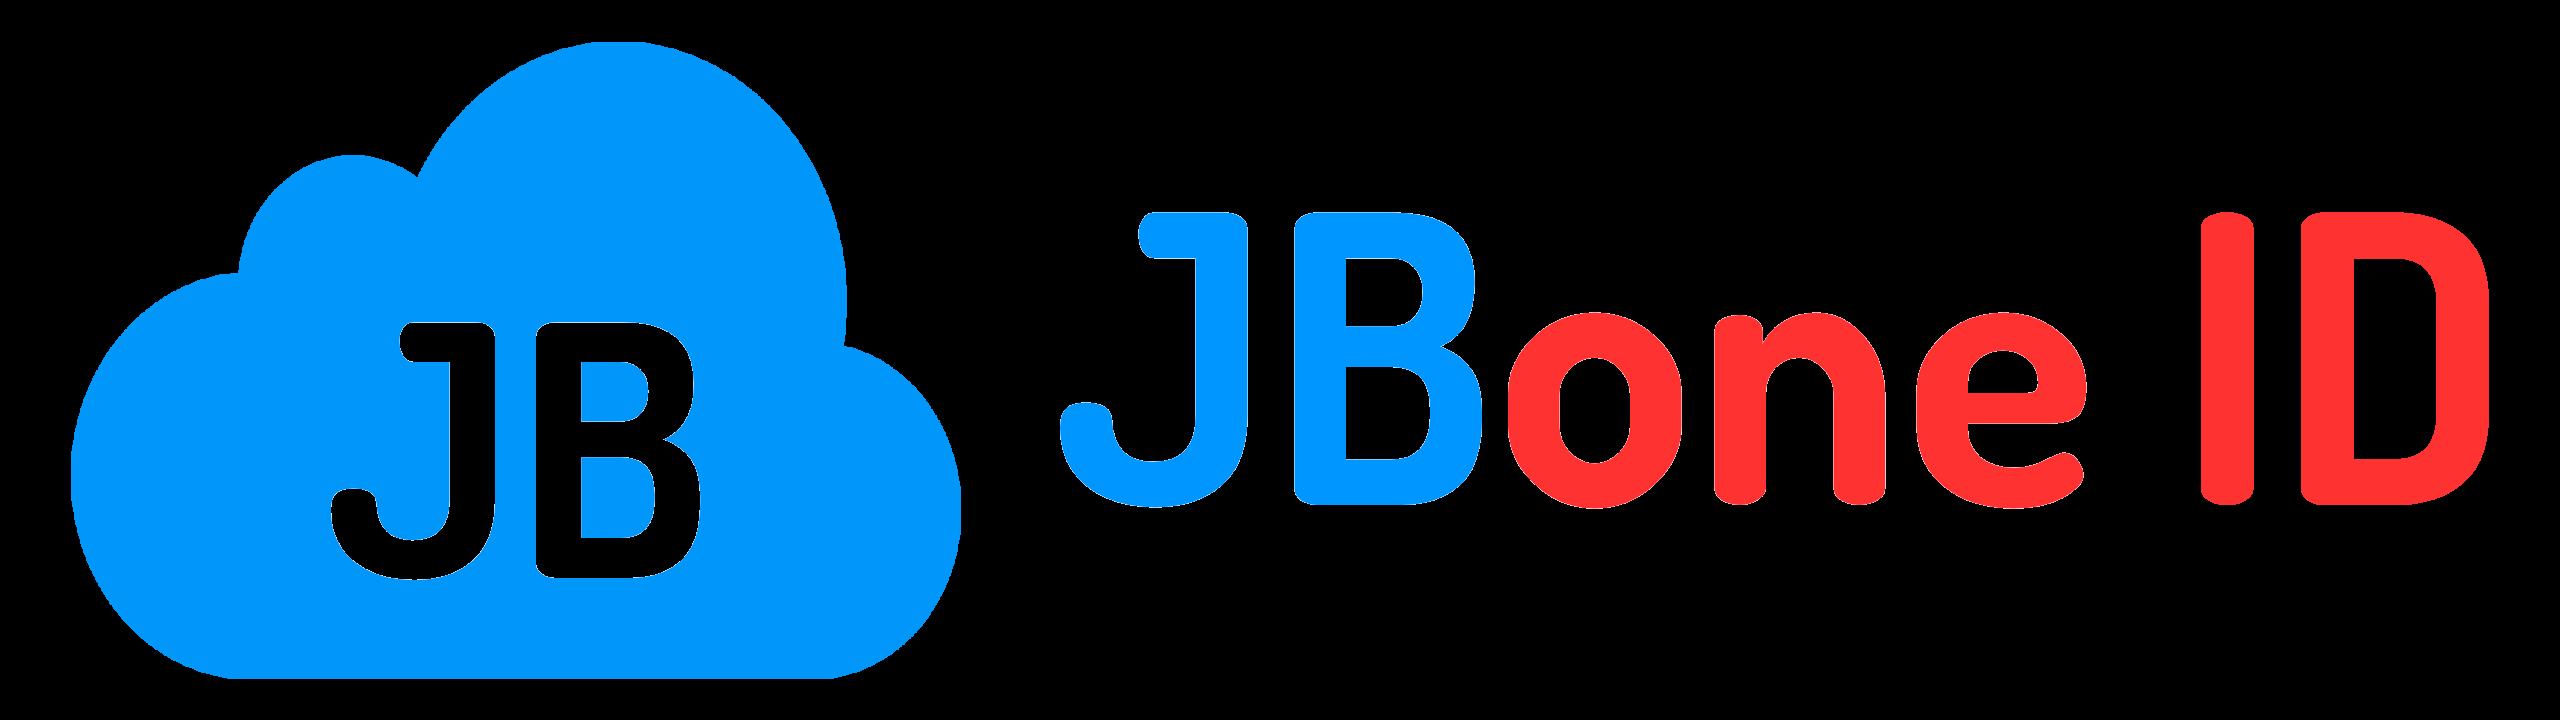 Looking Glass - JBone ID